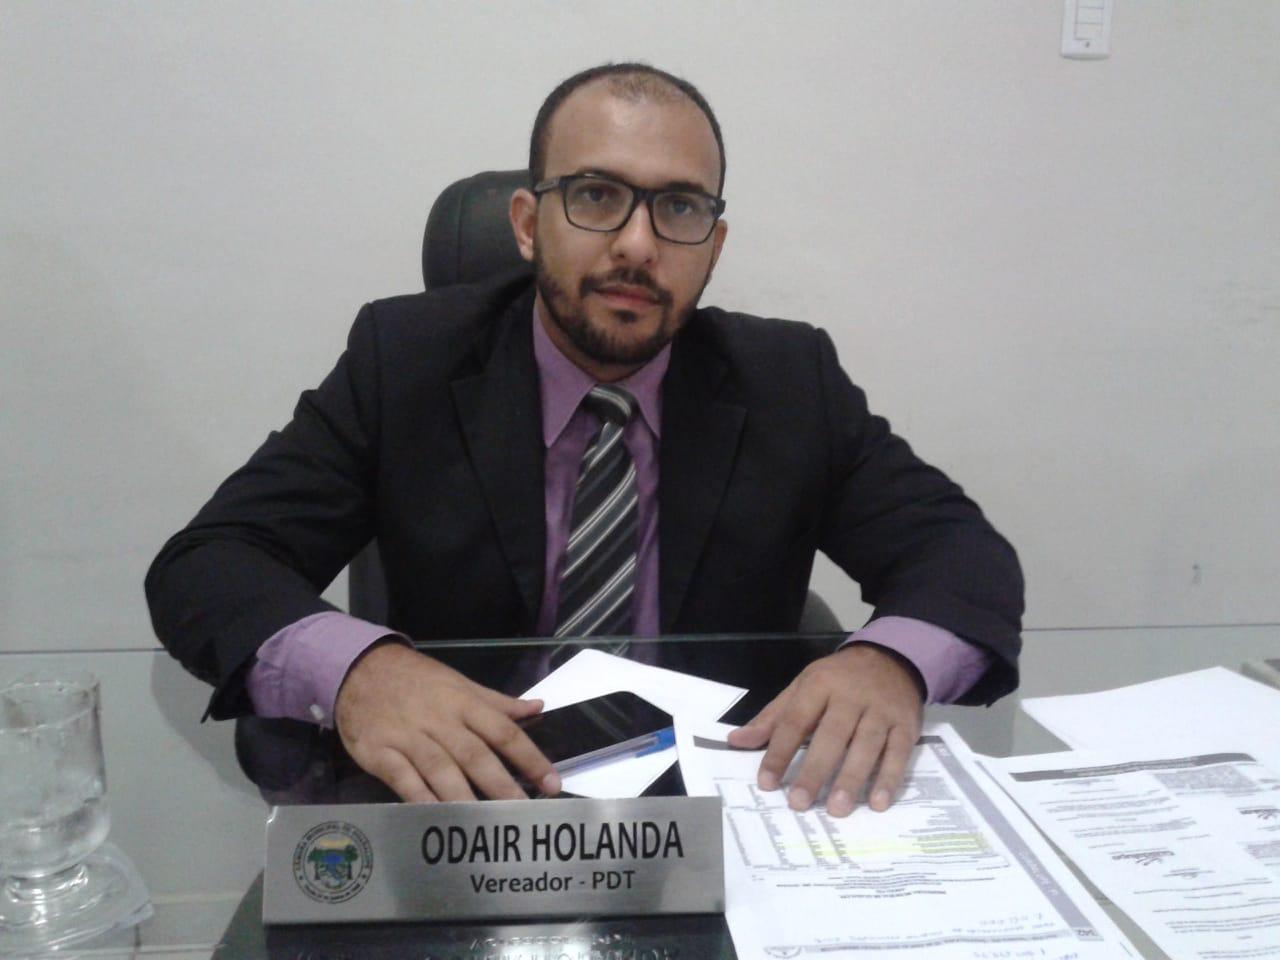 Vereador Odair Holanda (PDT) Solicita do Poder Público Municipal a implantação de pontos para frequência dos comissionados